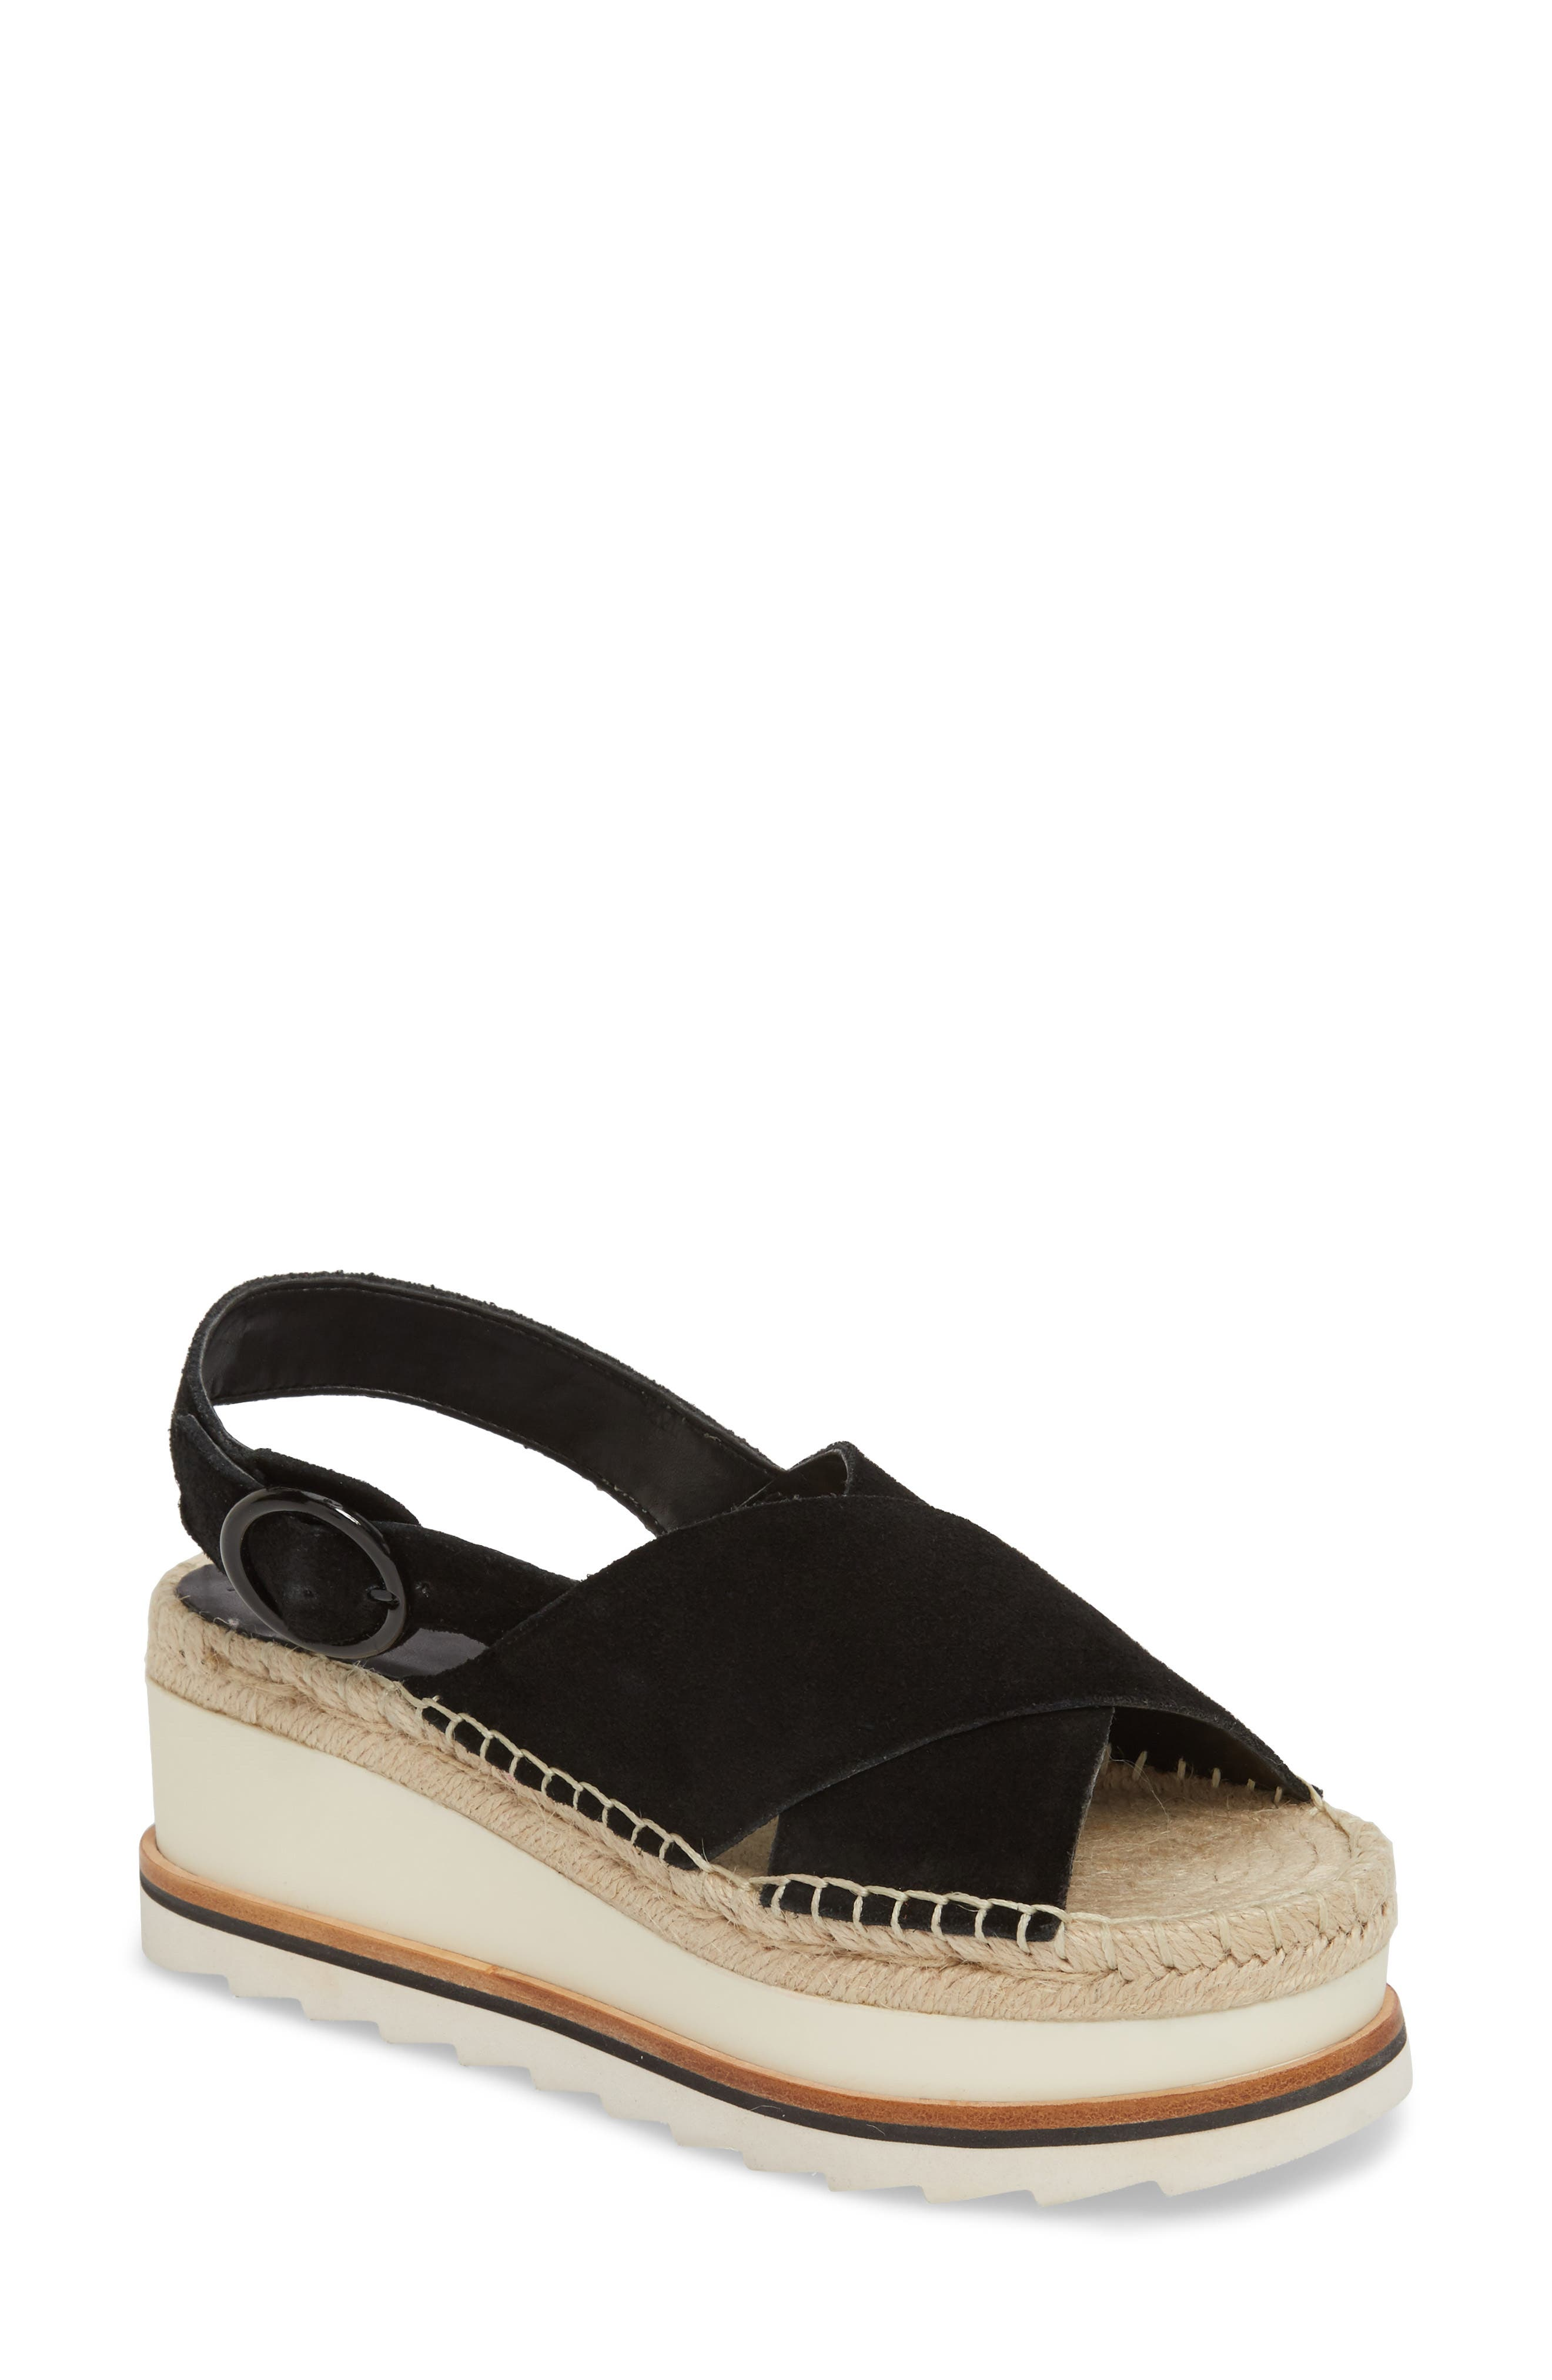 Glenna Platform Slingback Sandal,                             Main thumbnail 1, color,                             BLACK SUEDE